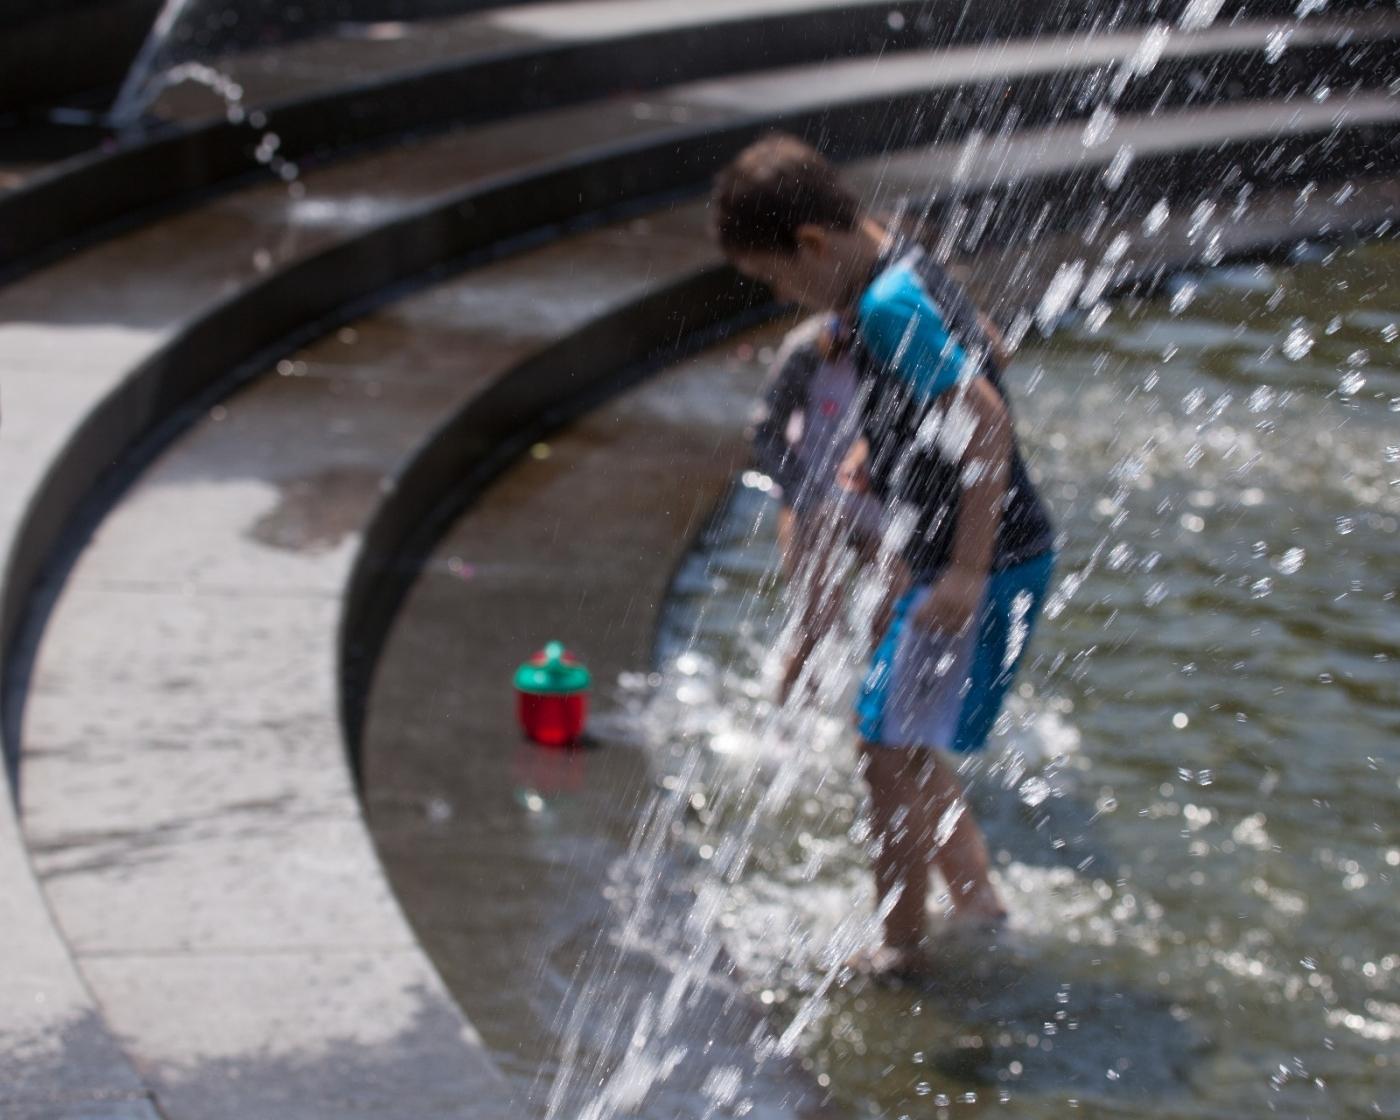 在喷水池中戏水的小孩,天真活泼(摄于纽约华盛顿广场喷水池) ... ... ..._图1-8